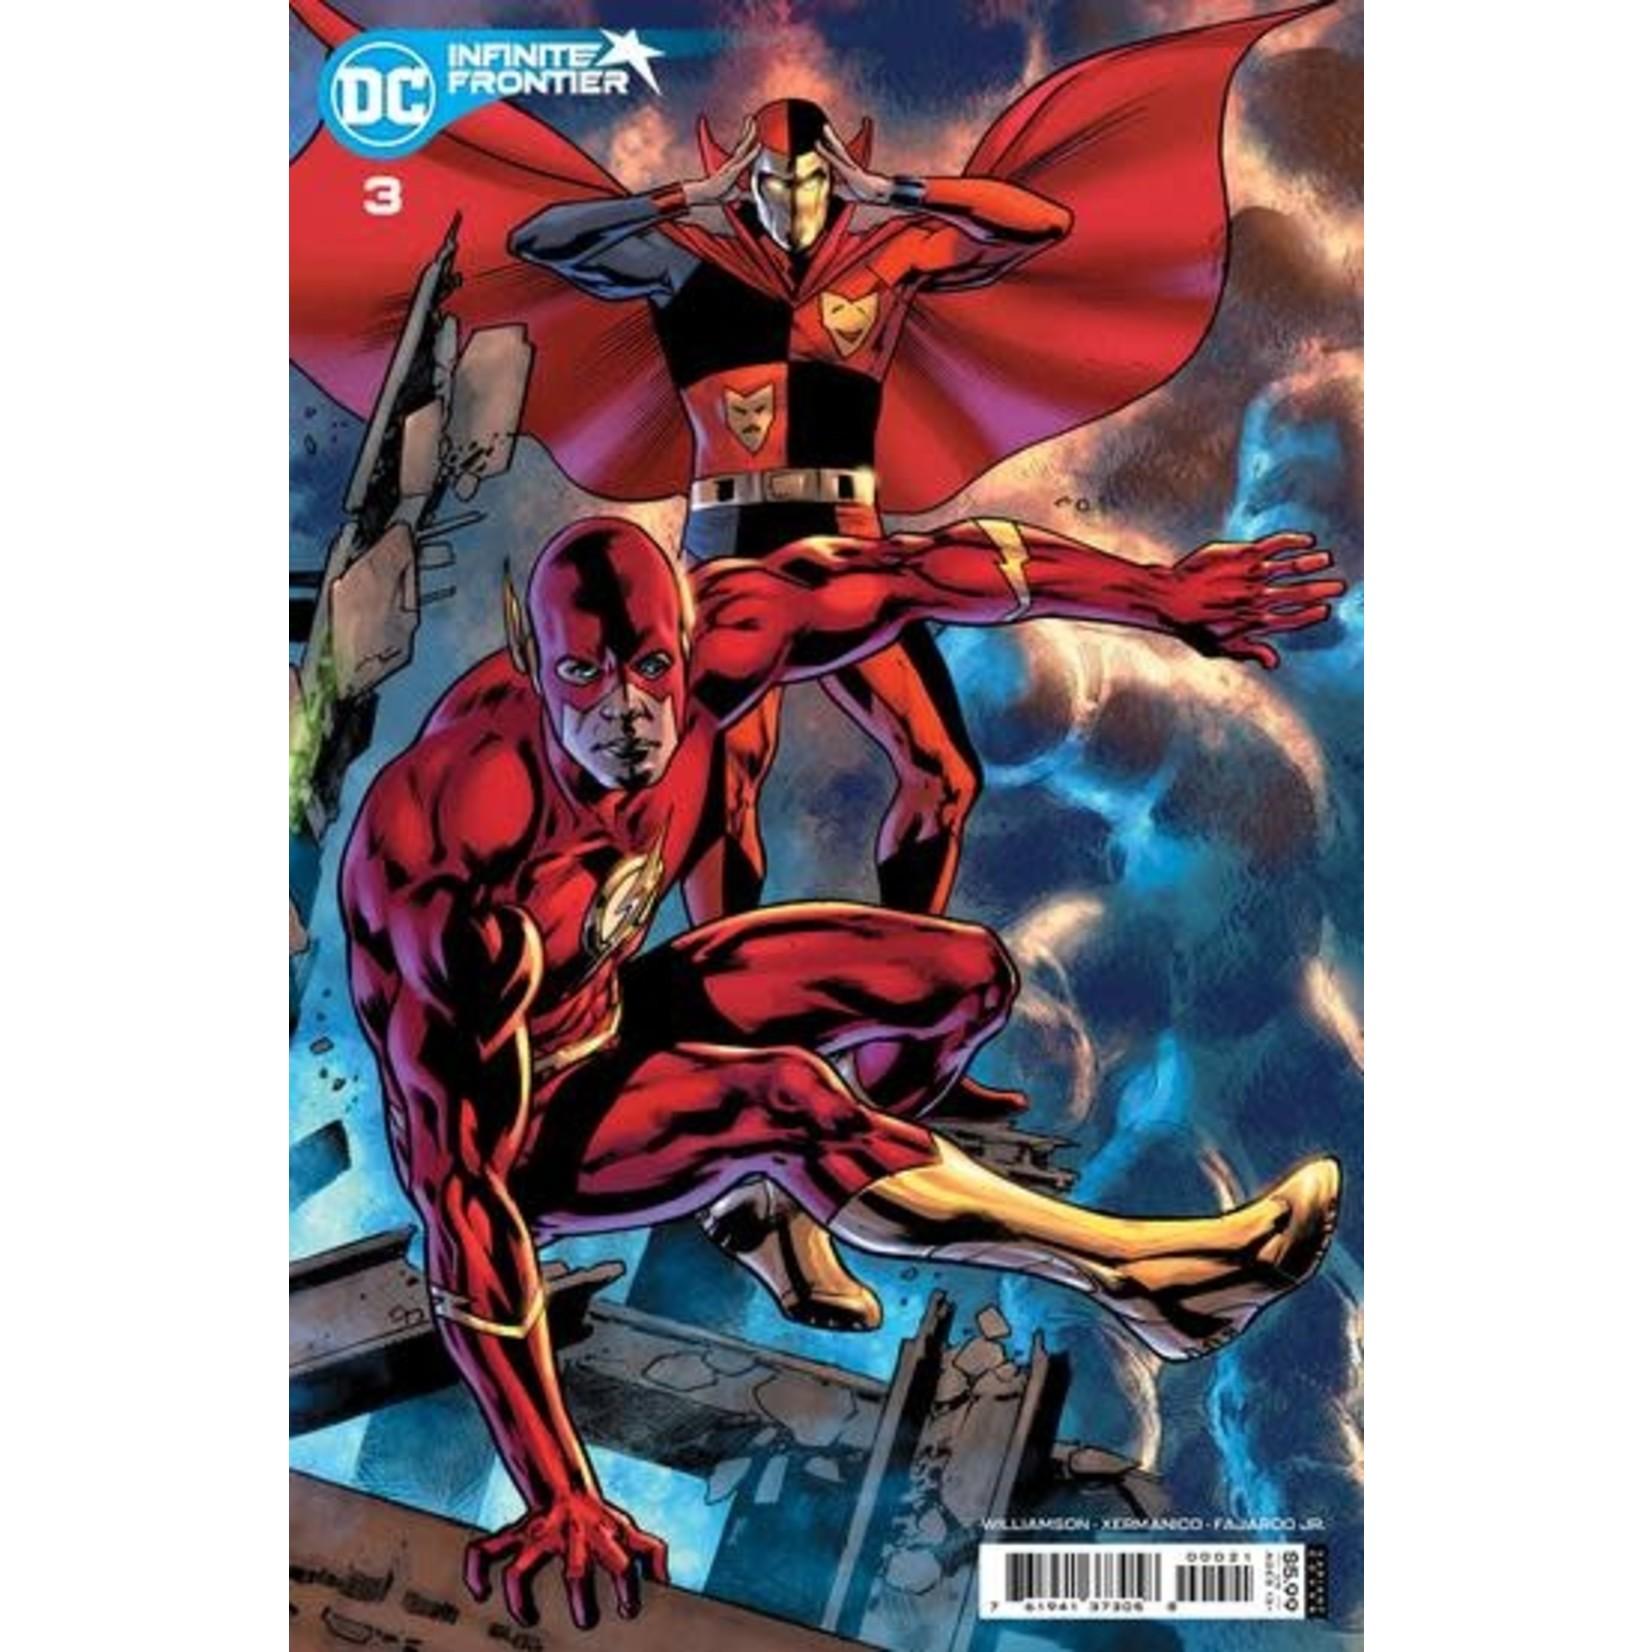 DC Comics Infinity frontier #3 var